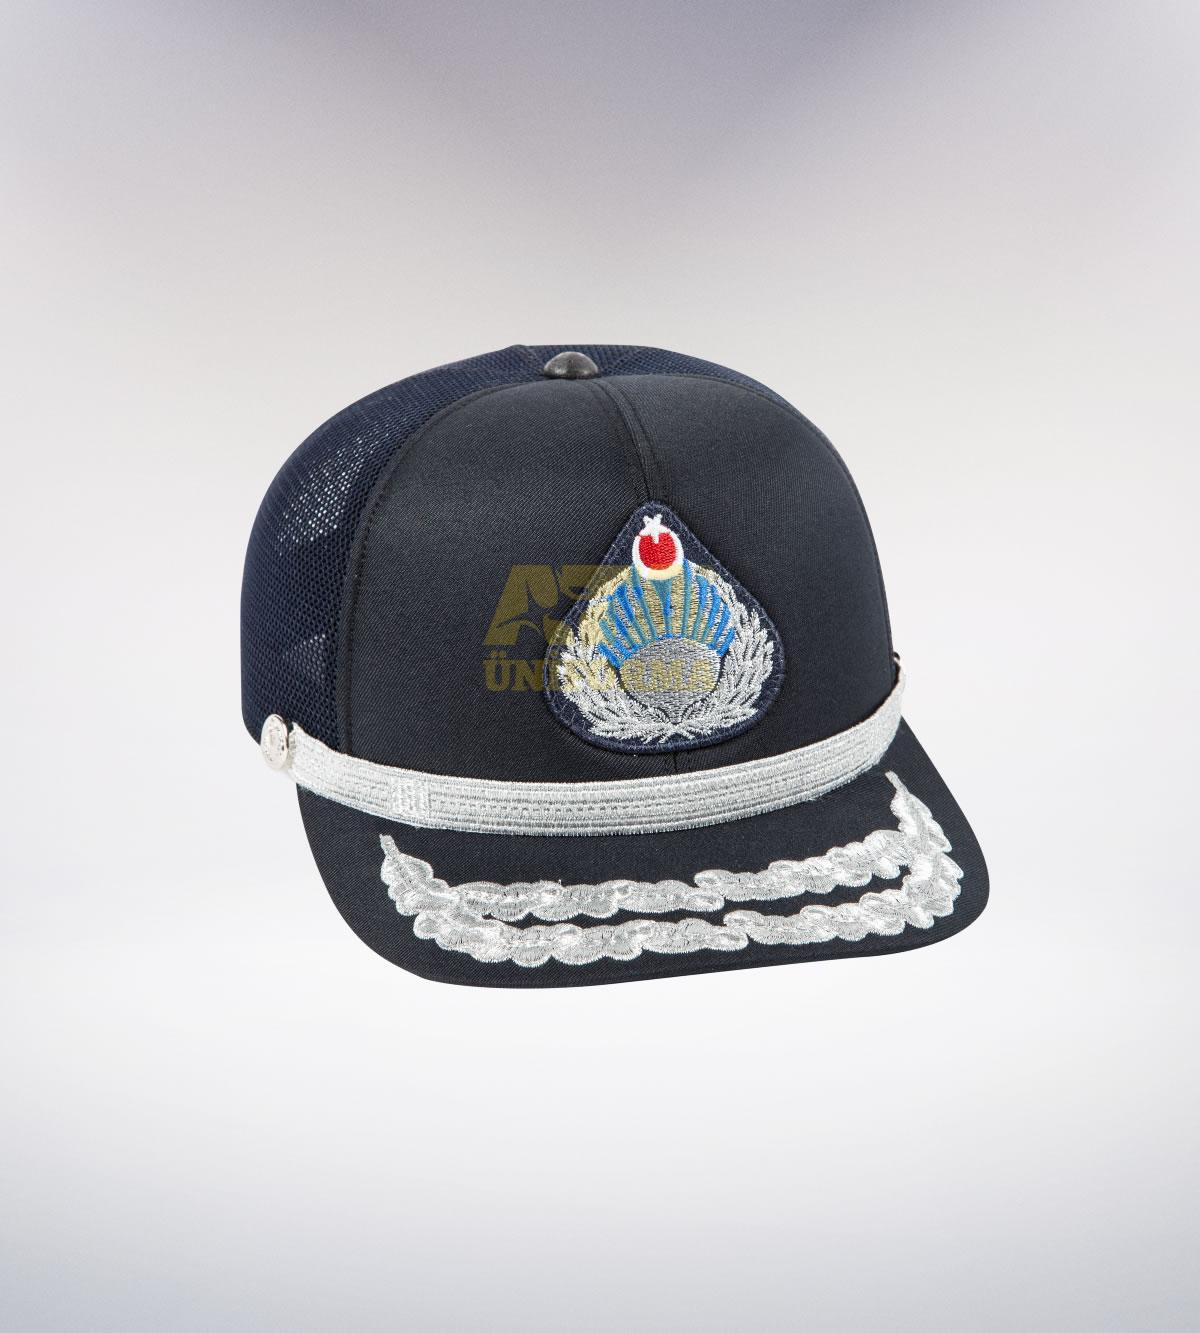 ATA-1103 Zabıta kepi - zabıta elbiseleri   zabıta üniformaları   zabıta kıyafetleri